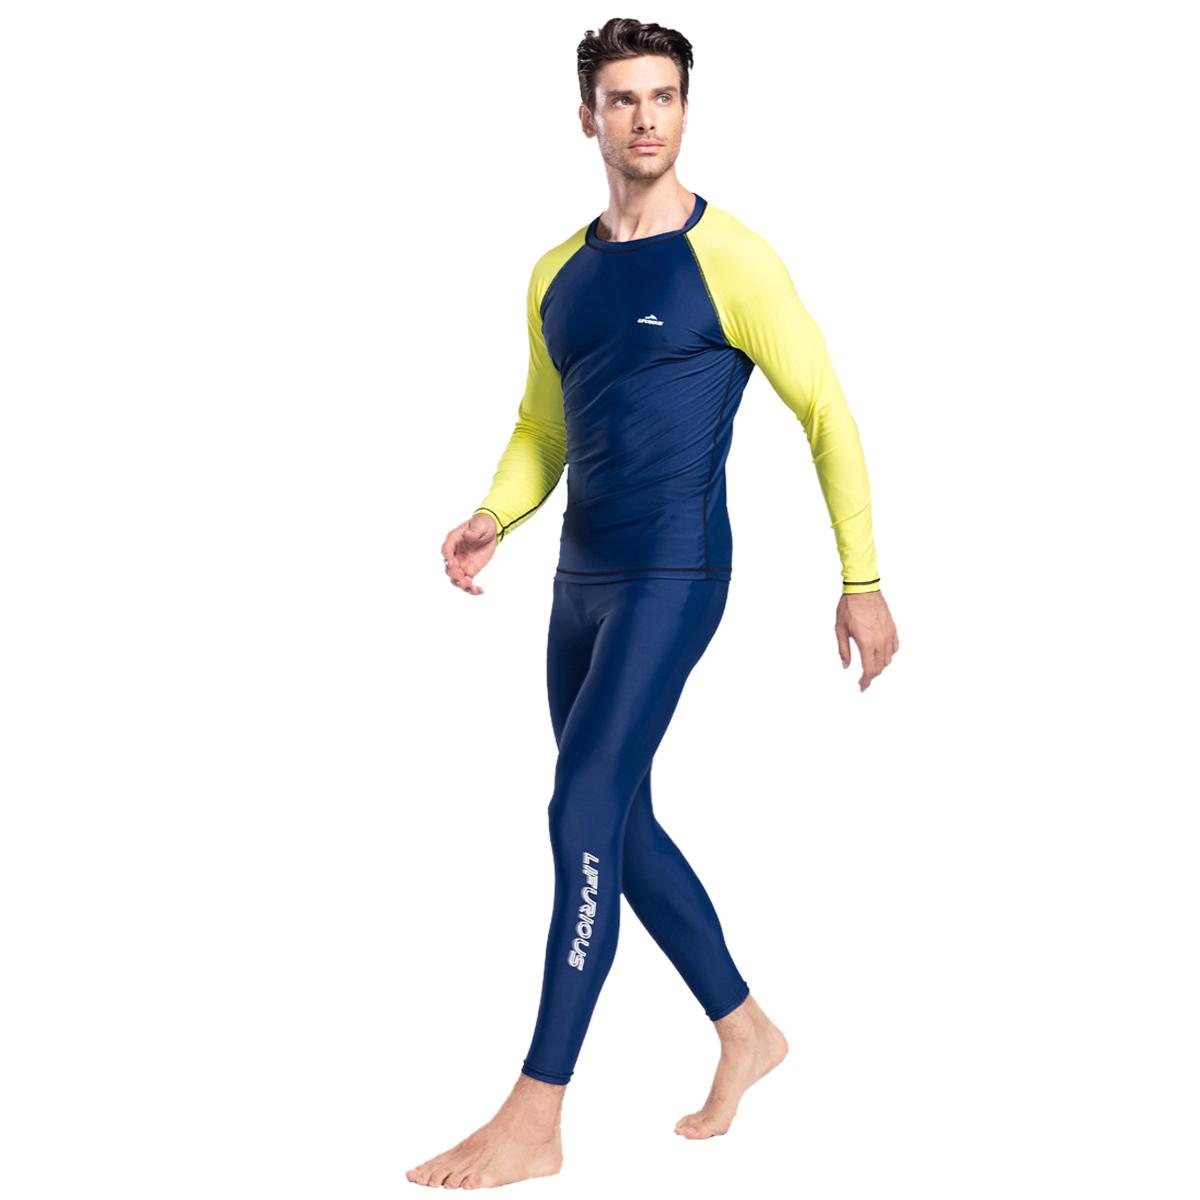 0f8b219810 Details about Men s Diving Suit Rash Guards Scuba Wetsuit Surf Swimming  Jumpsuit Top   Pants